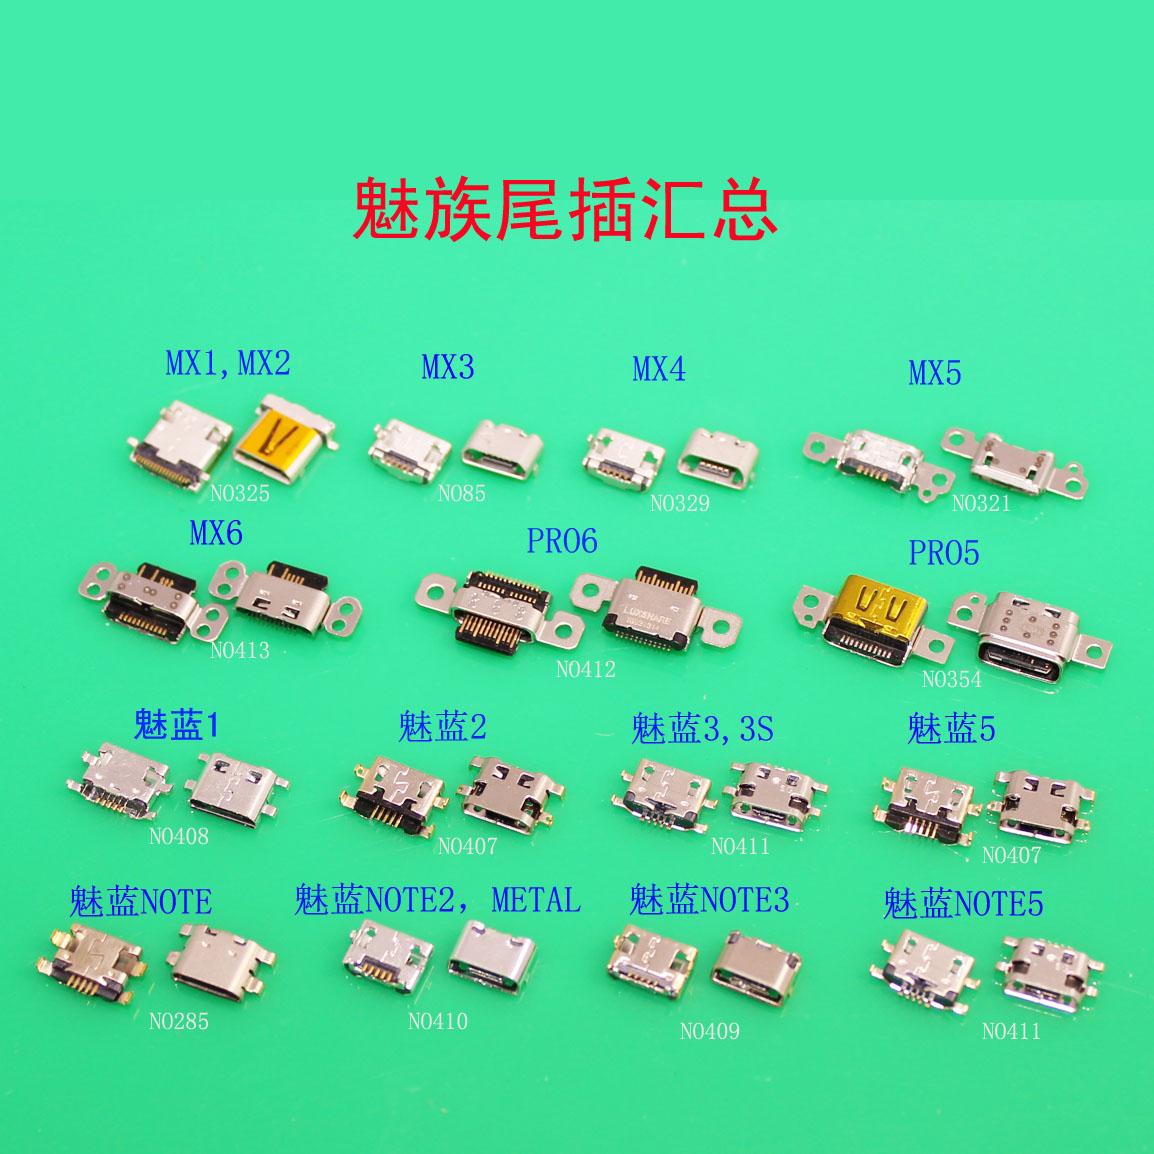 适用魅族MX4 MX5 PRO5 MX6 PRO6 魅蓝NOTE2 3 3S 5充电尾插接口